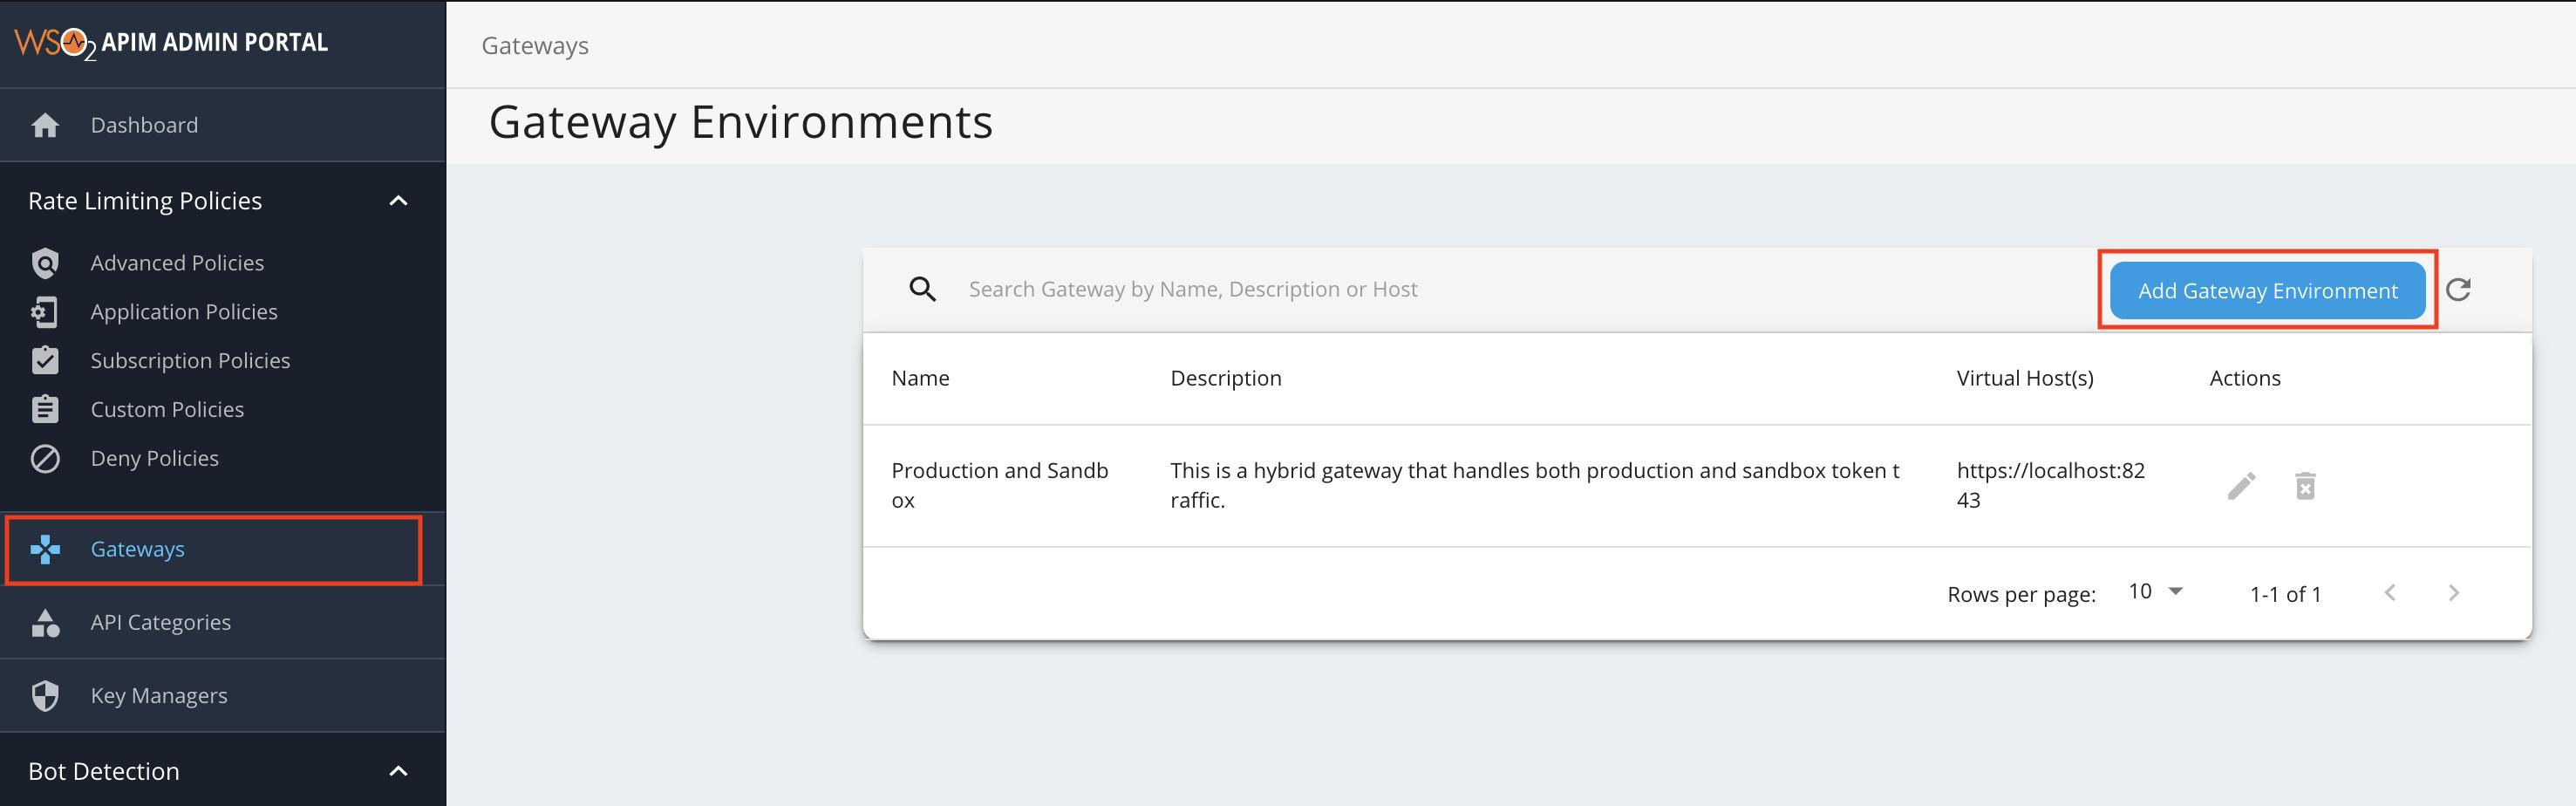 Menu to add Gateway environment